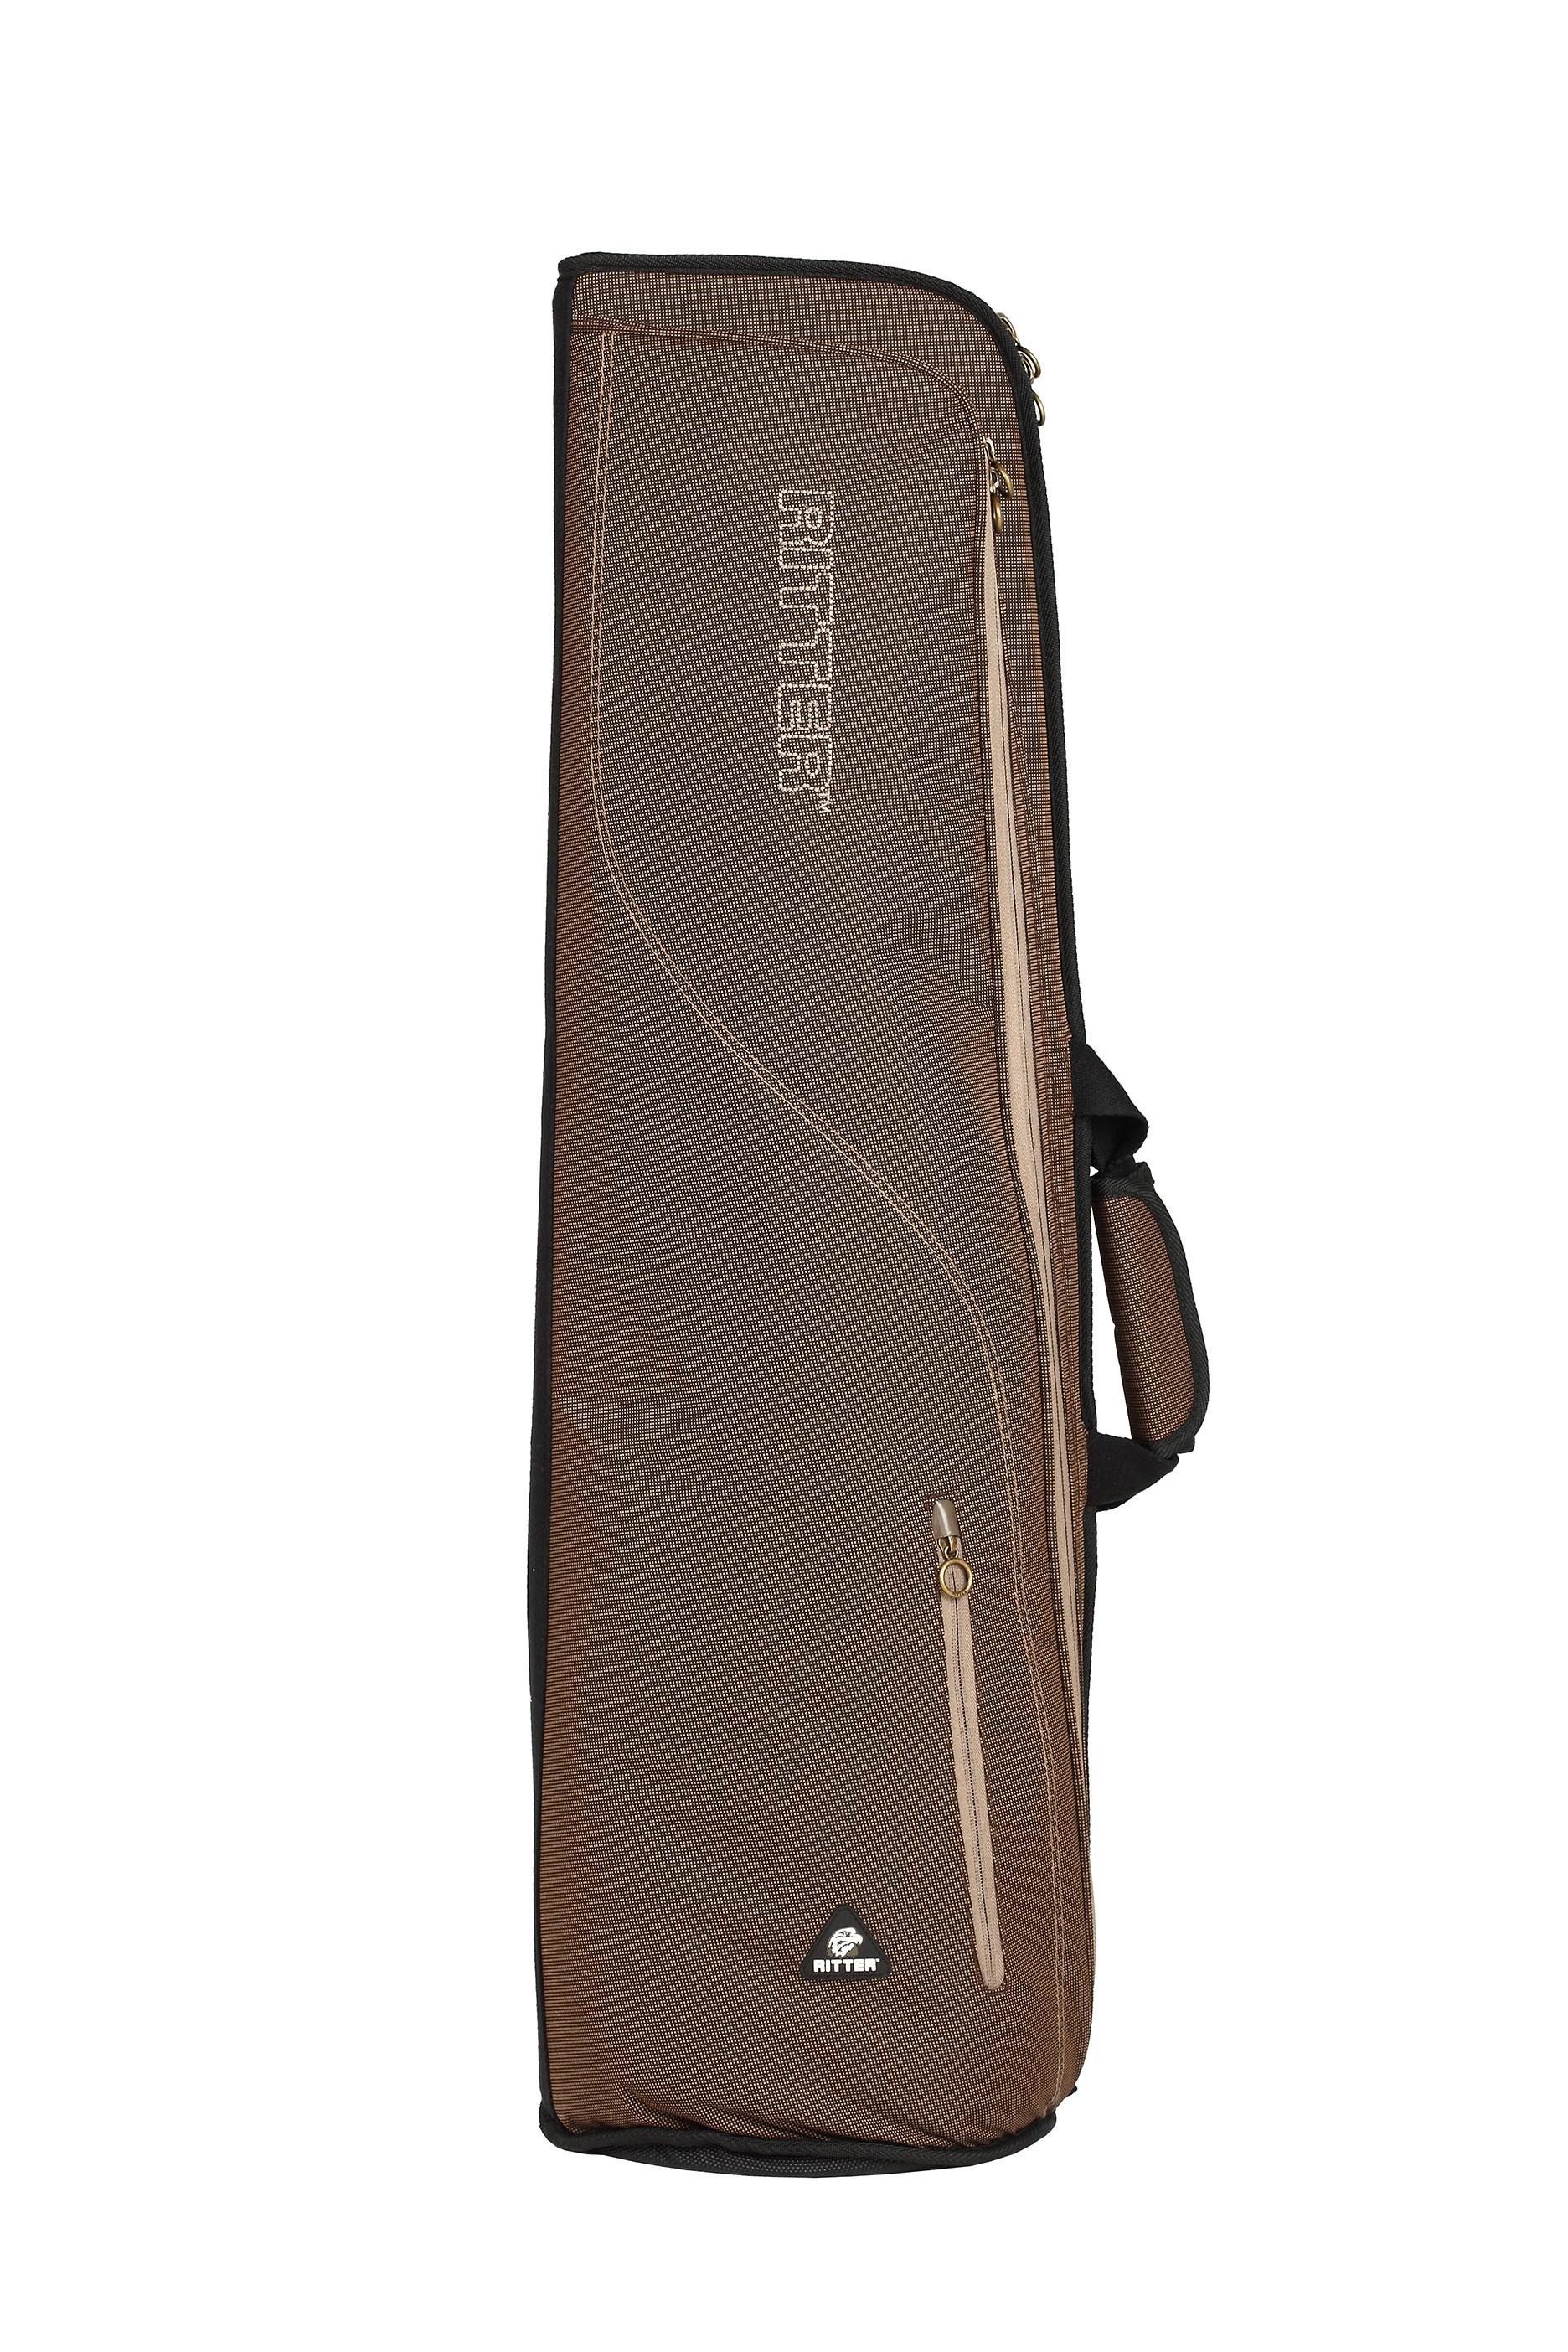 Ritter RBS7-TB/BDT Trombone Bag - Bison/Desert